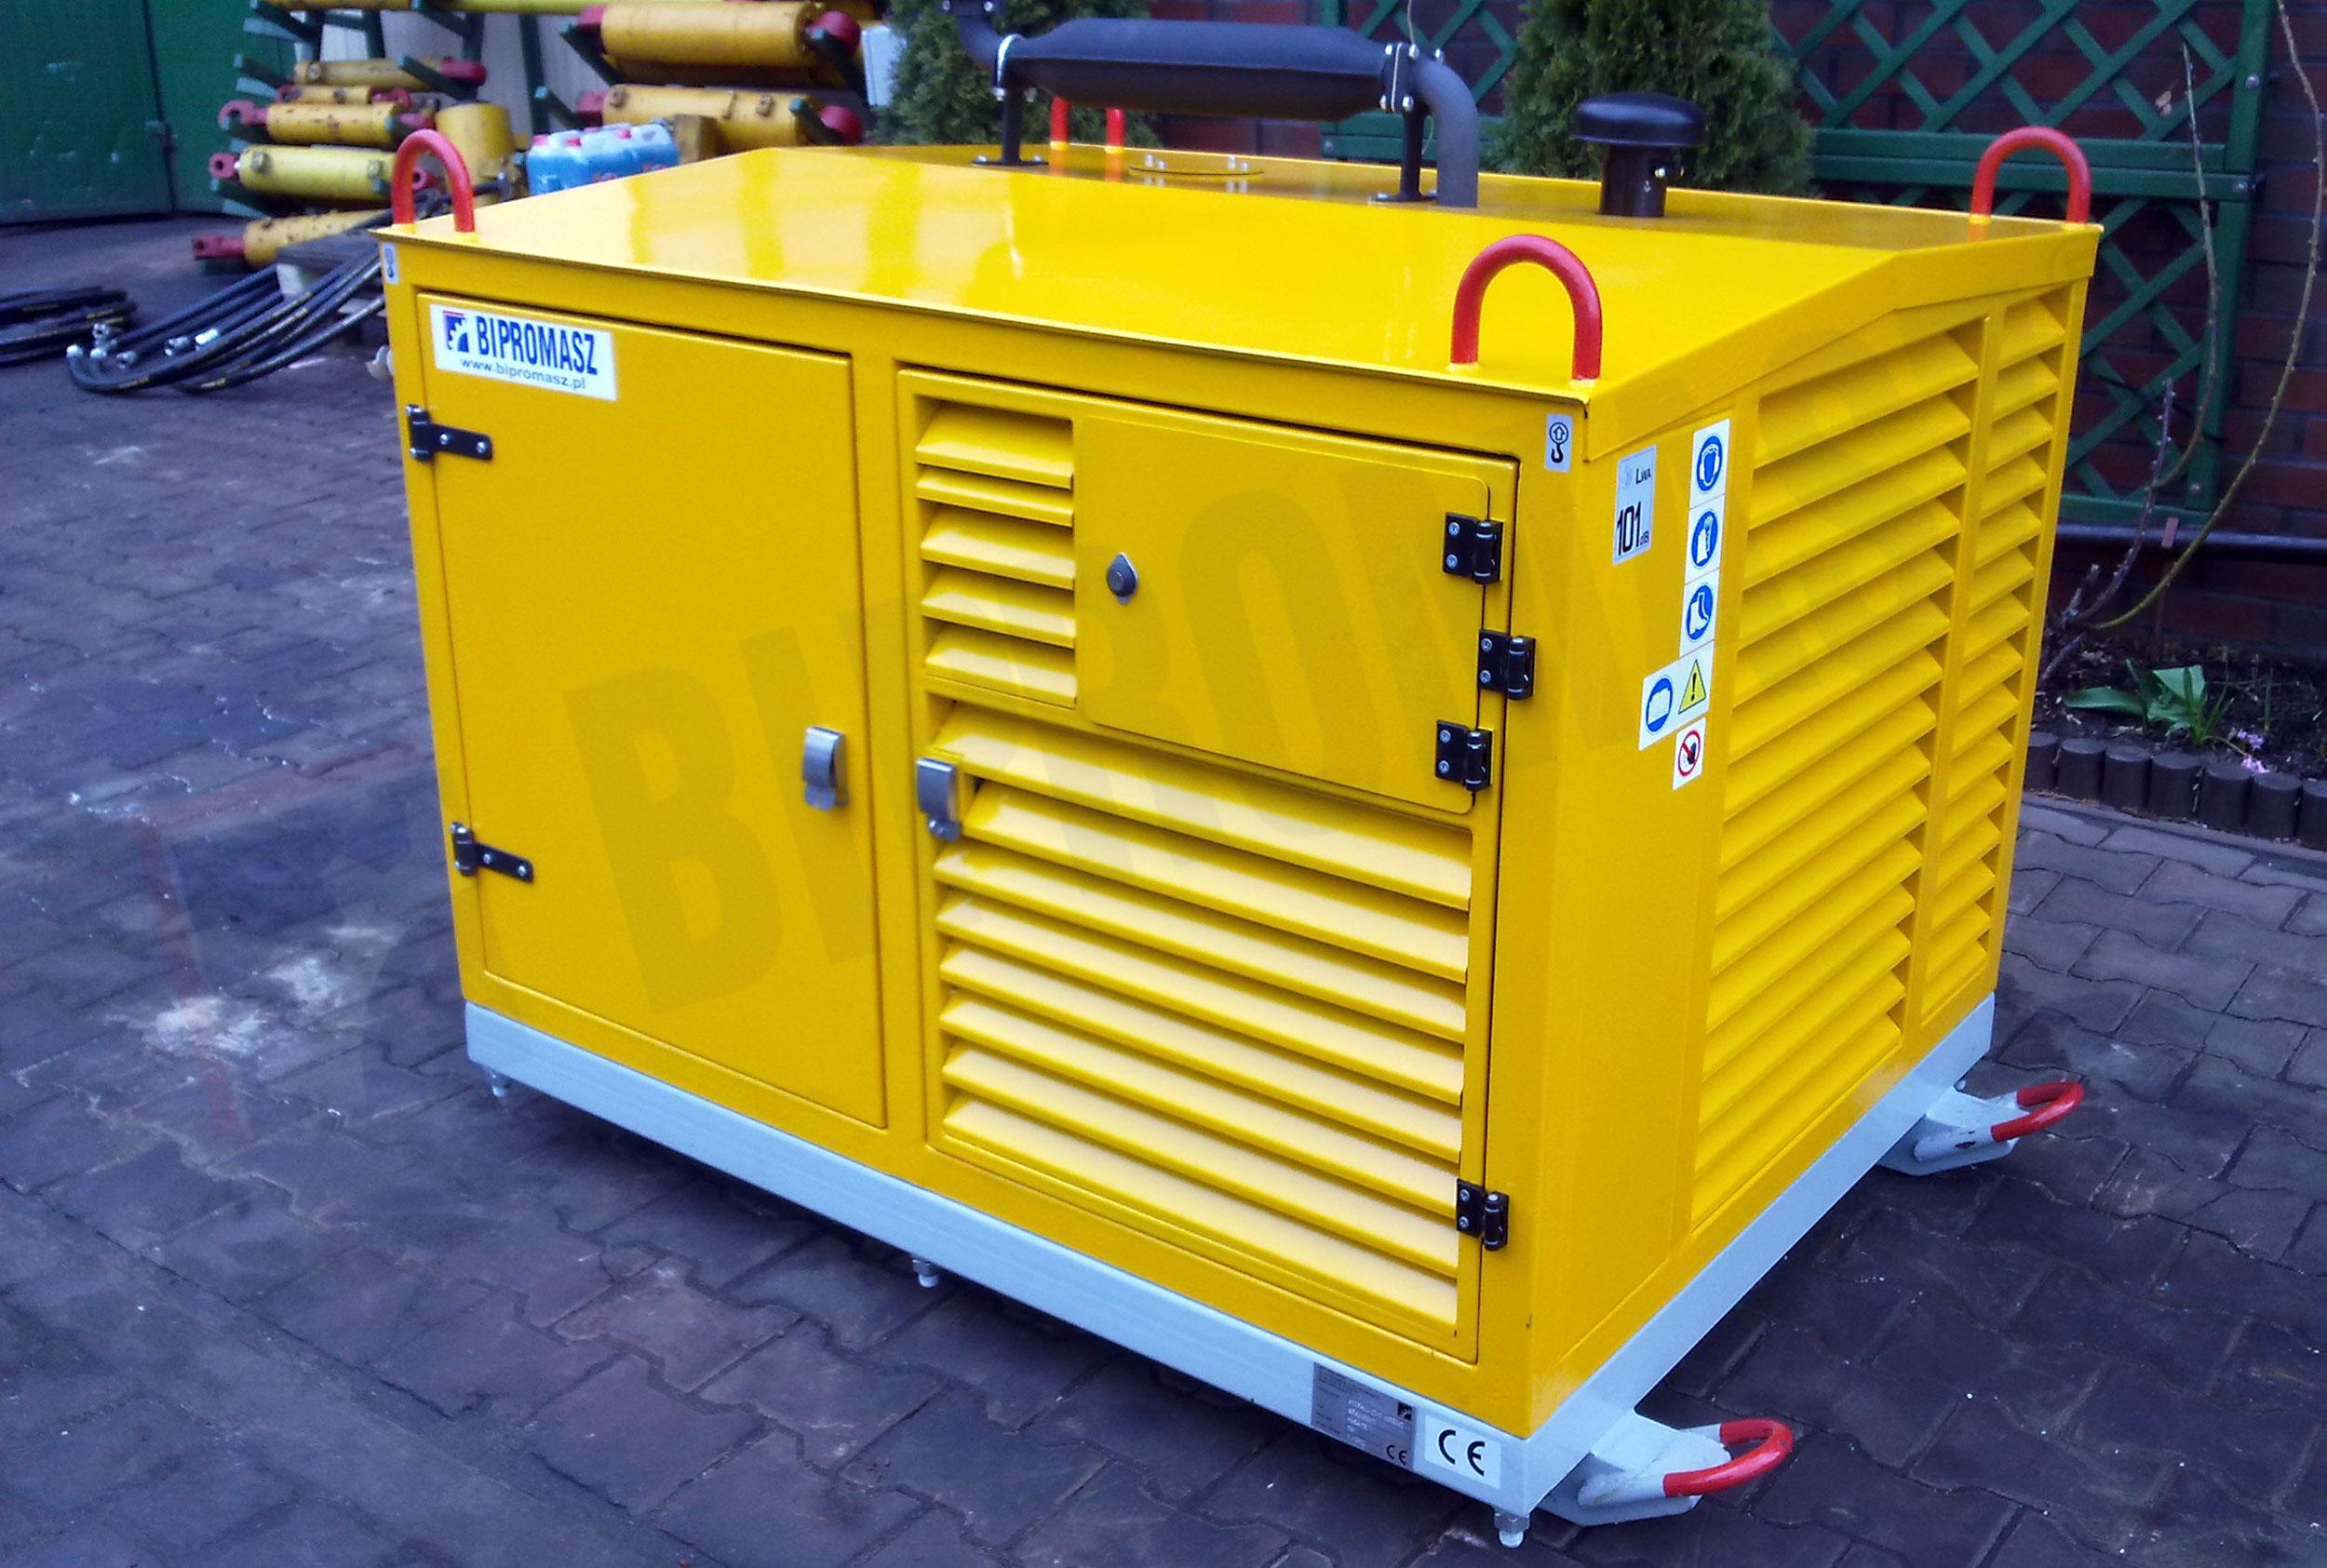 Hydrauliczny Agregat Spalinowy HAS-33 produkcji firmy Bipromasz